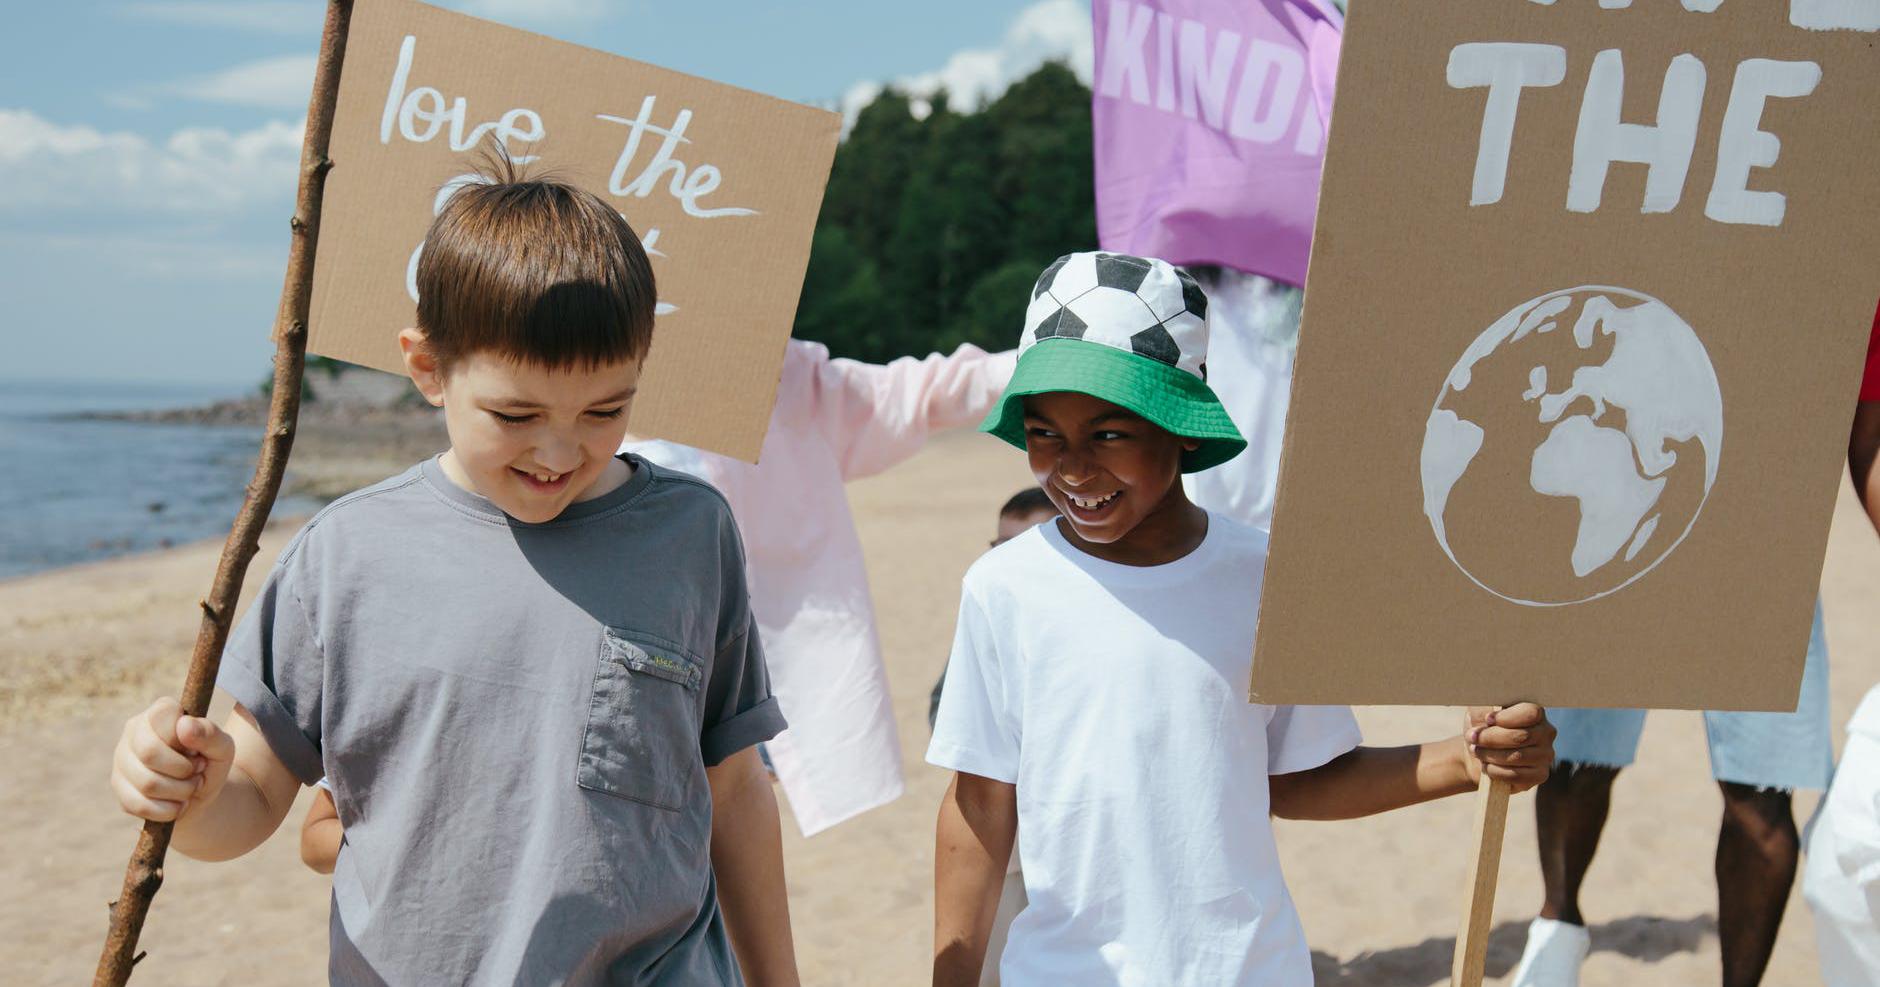 4. Dorong kegiatan sosial dapat anak kelola